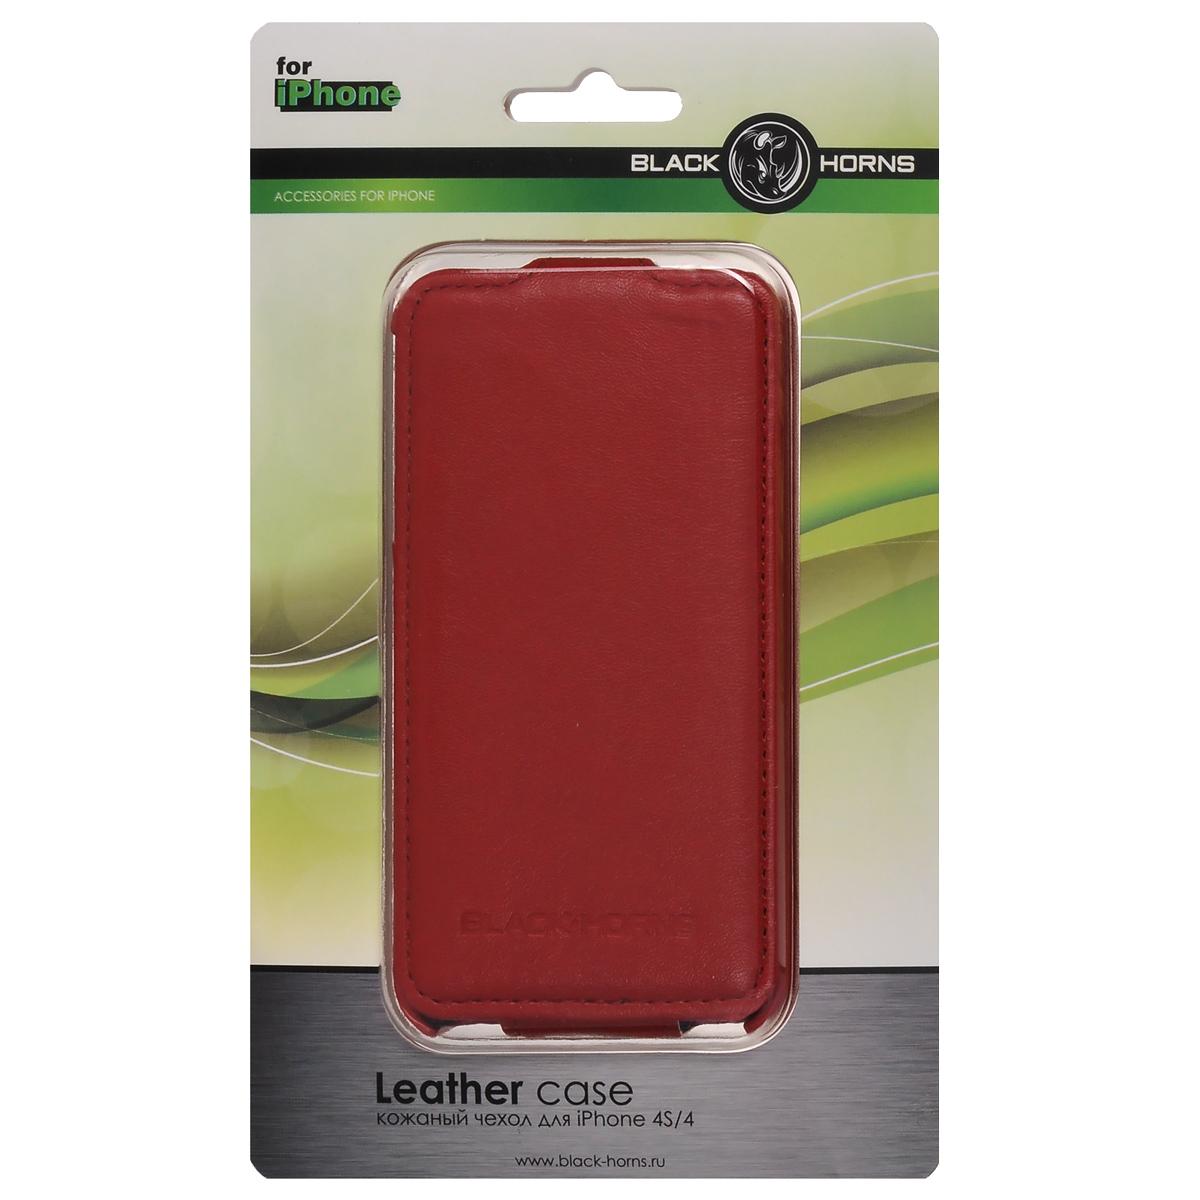 Black Horns чехол для iPhone 4/4S, Red (BH-iP4201)BH-iP4201( R)Чехол Black Horns для iPhone 4/4S изготовлен из натуральной кожи. Такой чехол имеет жесткий каркас и удобную застежку, он поможет защитить ваш iPhone от сколов и царапин. Обеспечивает свободный доступ к функциональным кнопкам.